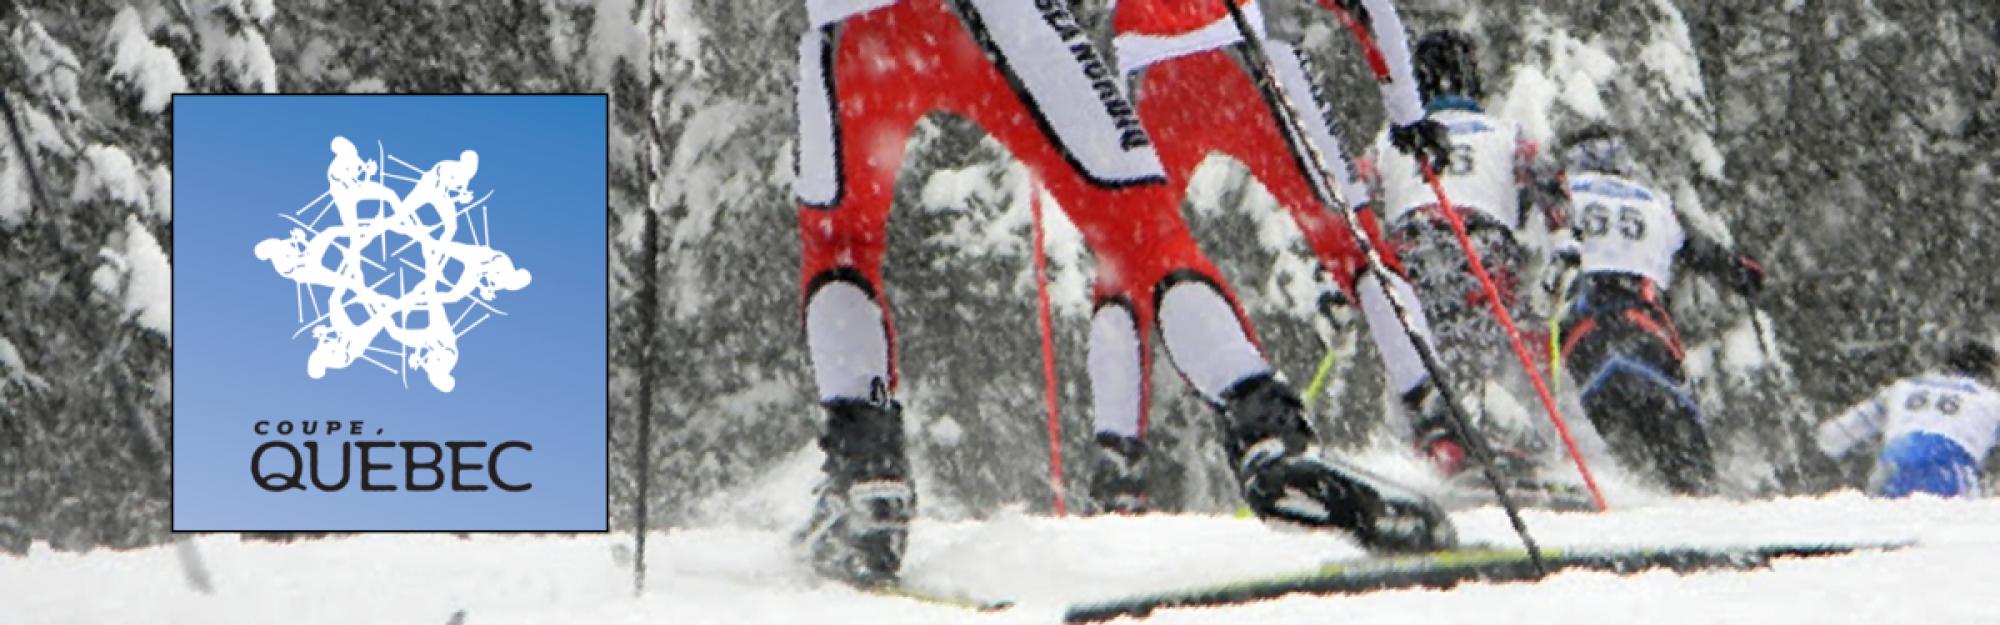 Coupe Québec | Ski de fond Québec